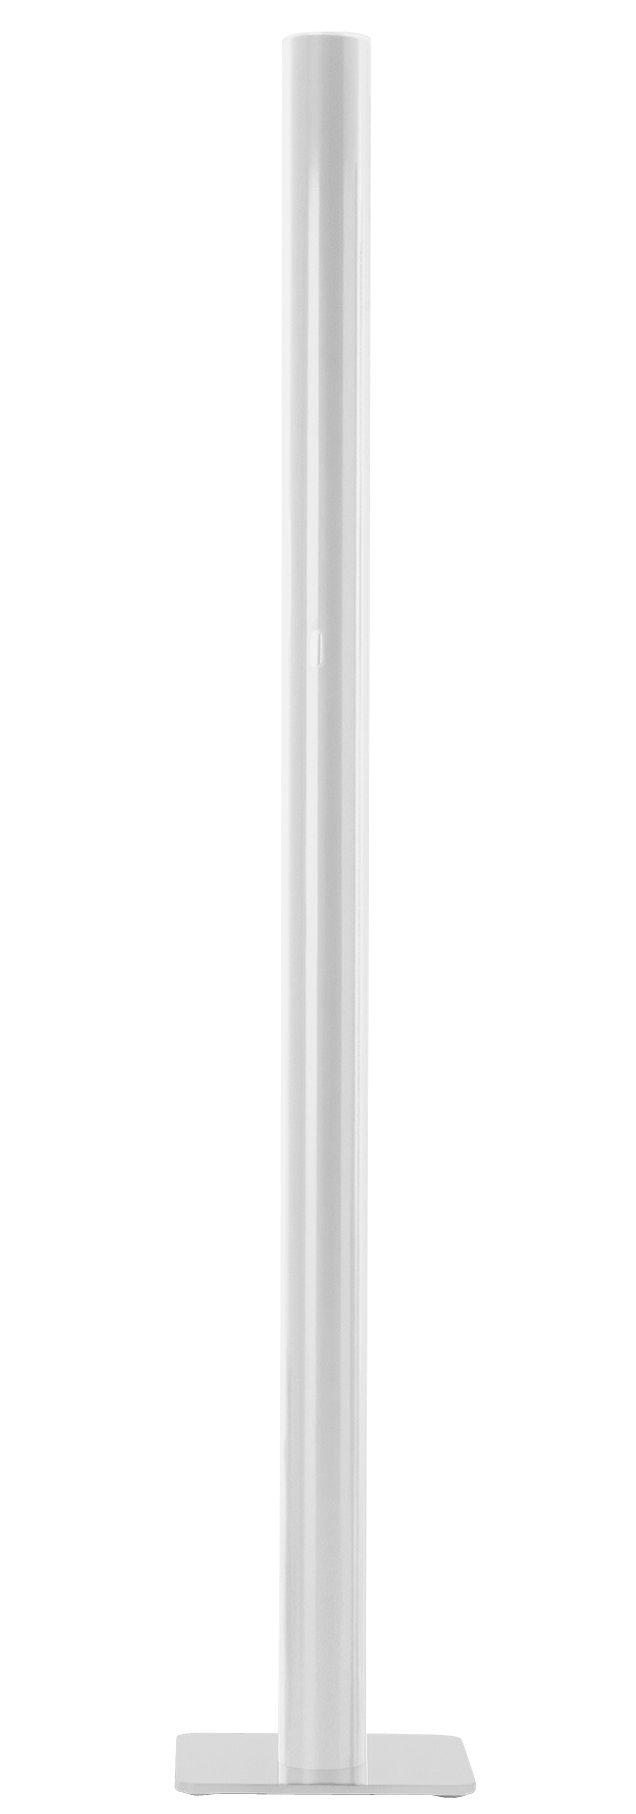 Leuchten - Stehleuchten - Ilio LED Stehleuchte / H 175 cm - Artemide - Weiß - bemalter Stahl, bemaltes Aluminium